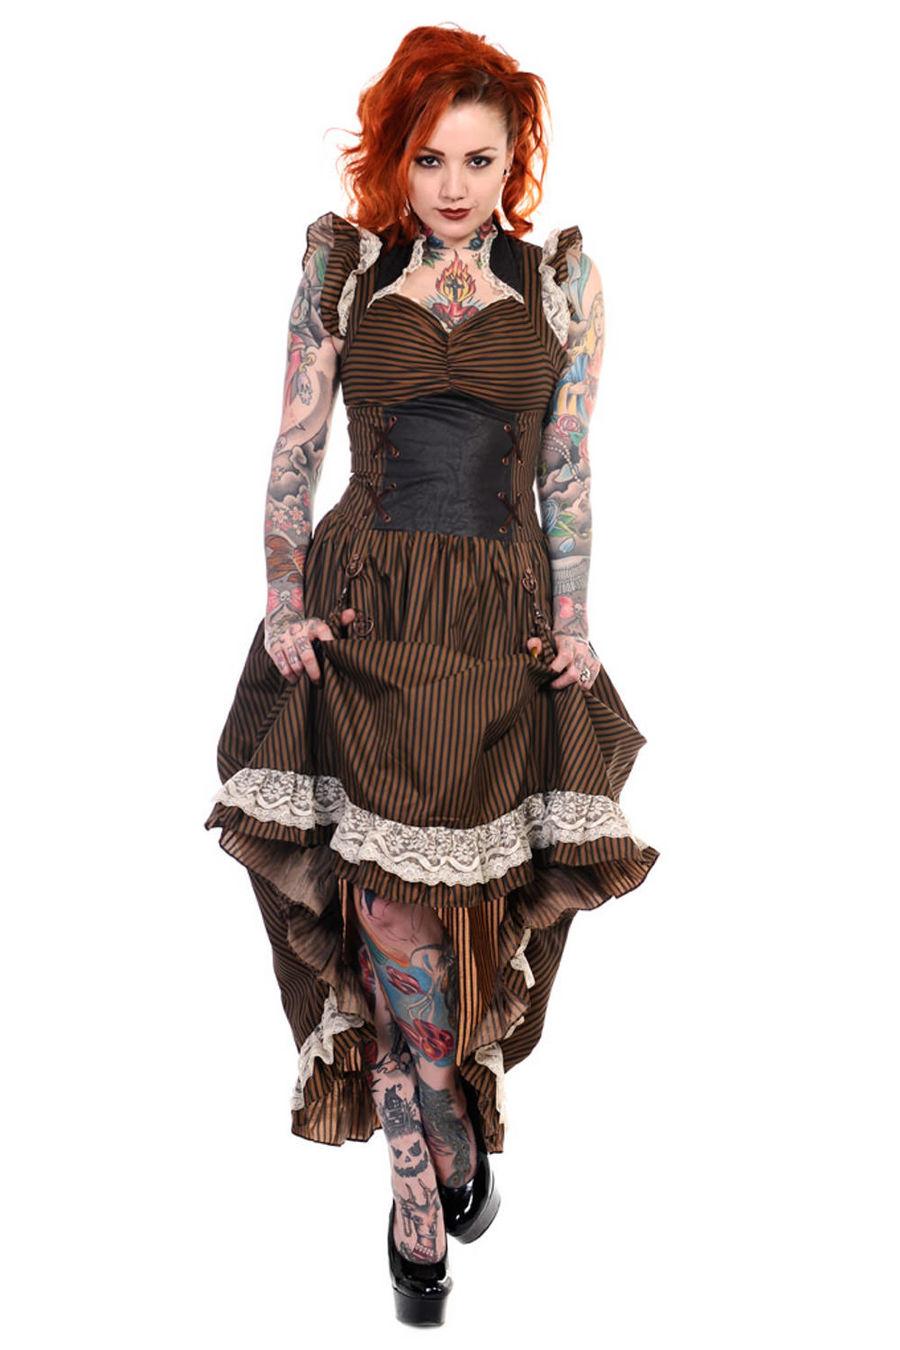 Robe steampunk rétro futuriste BANNED noire et marron